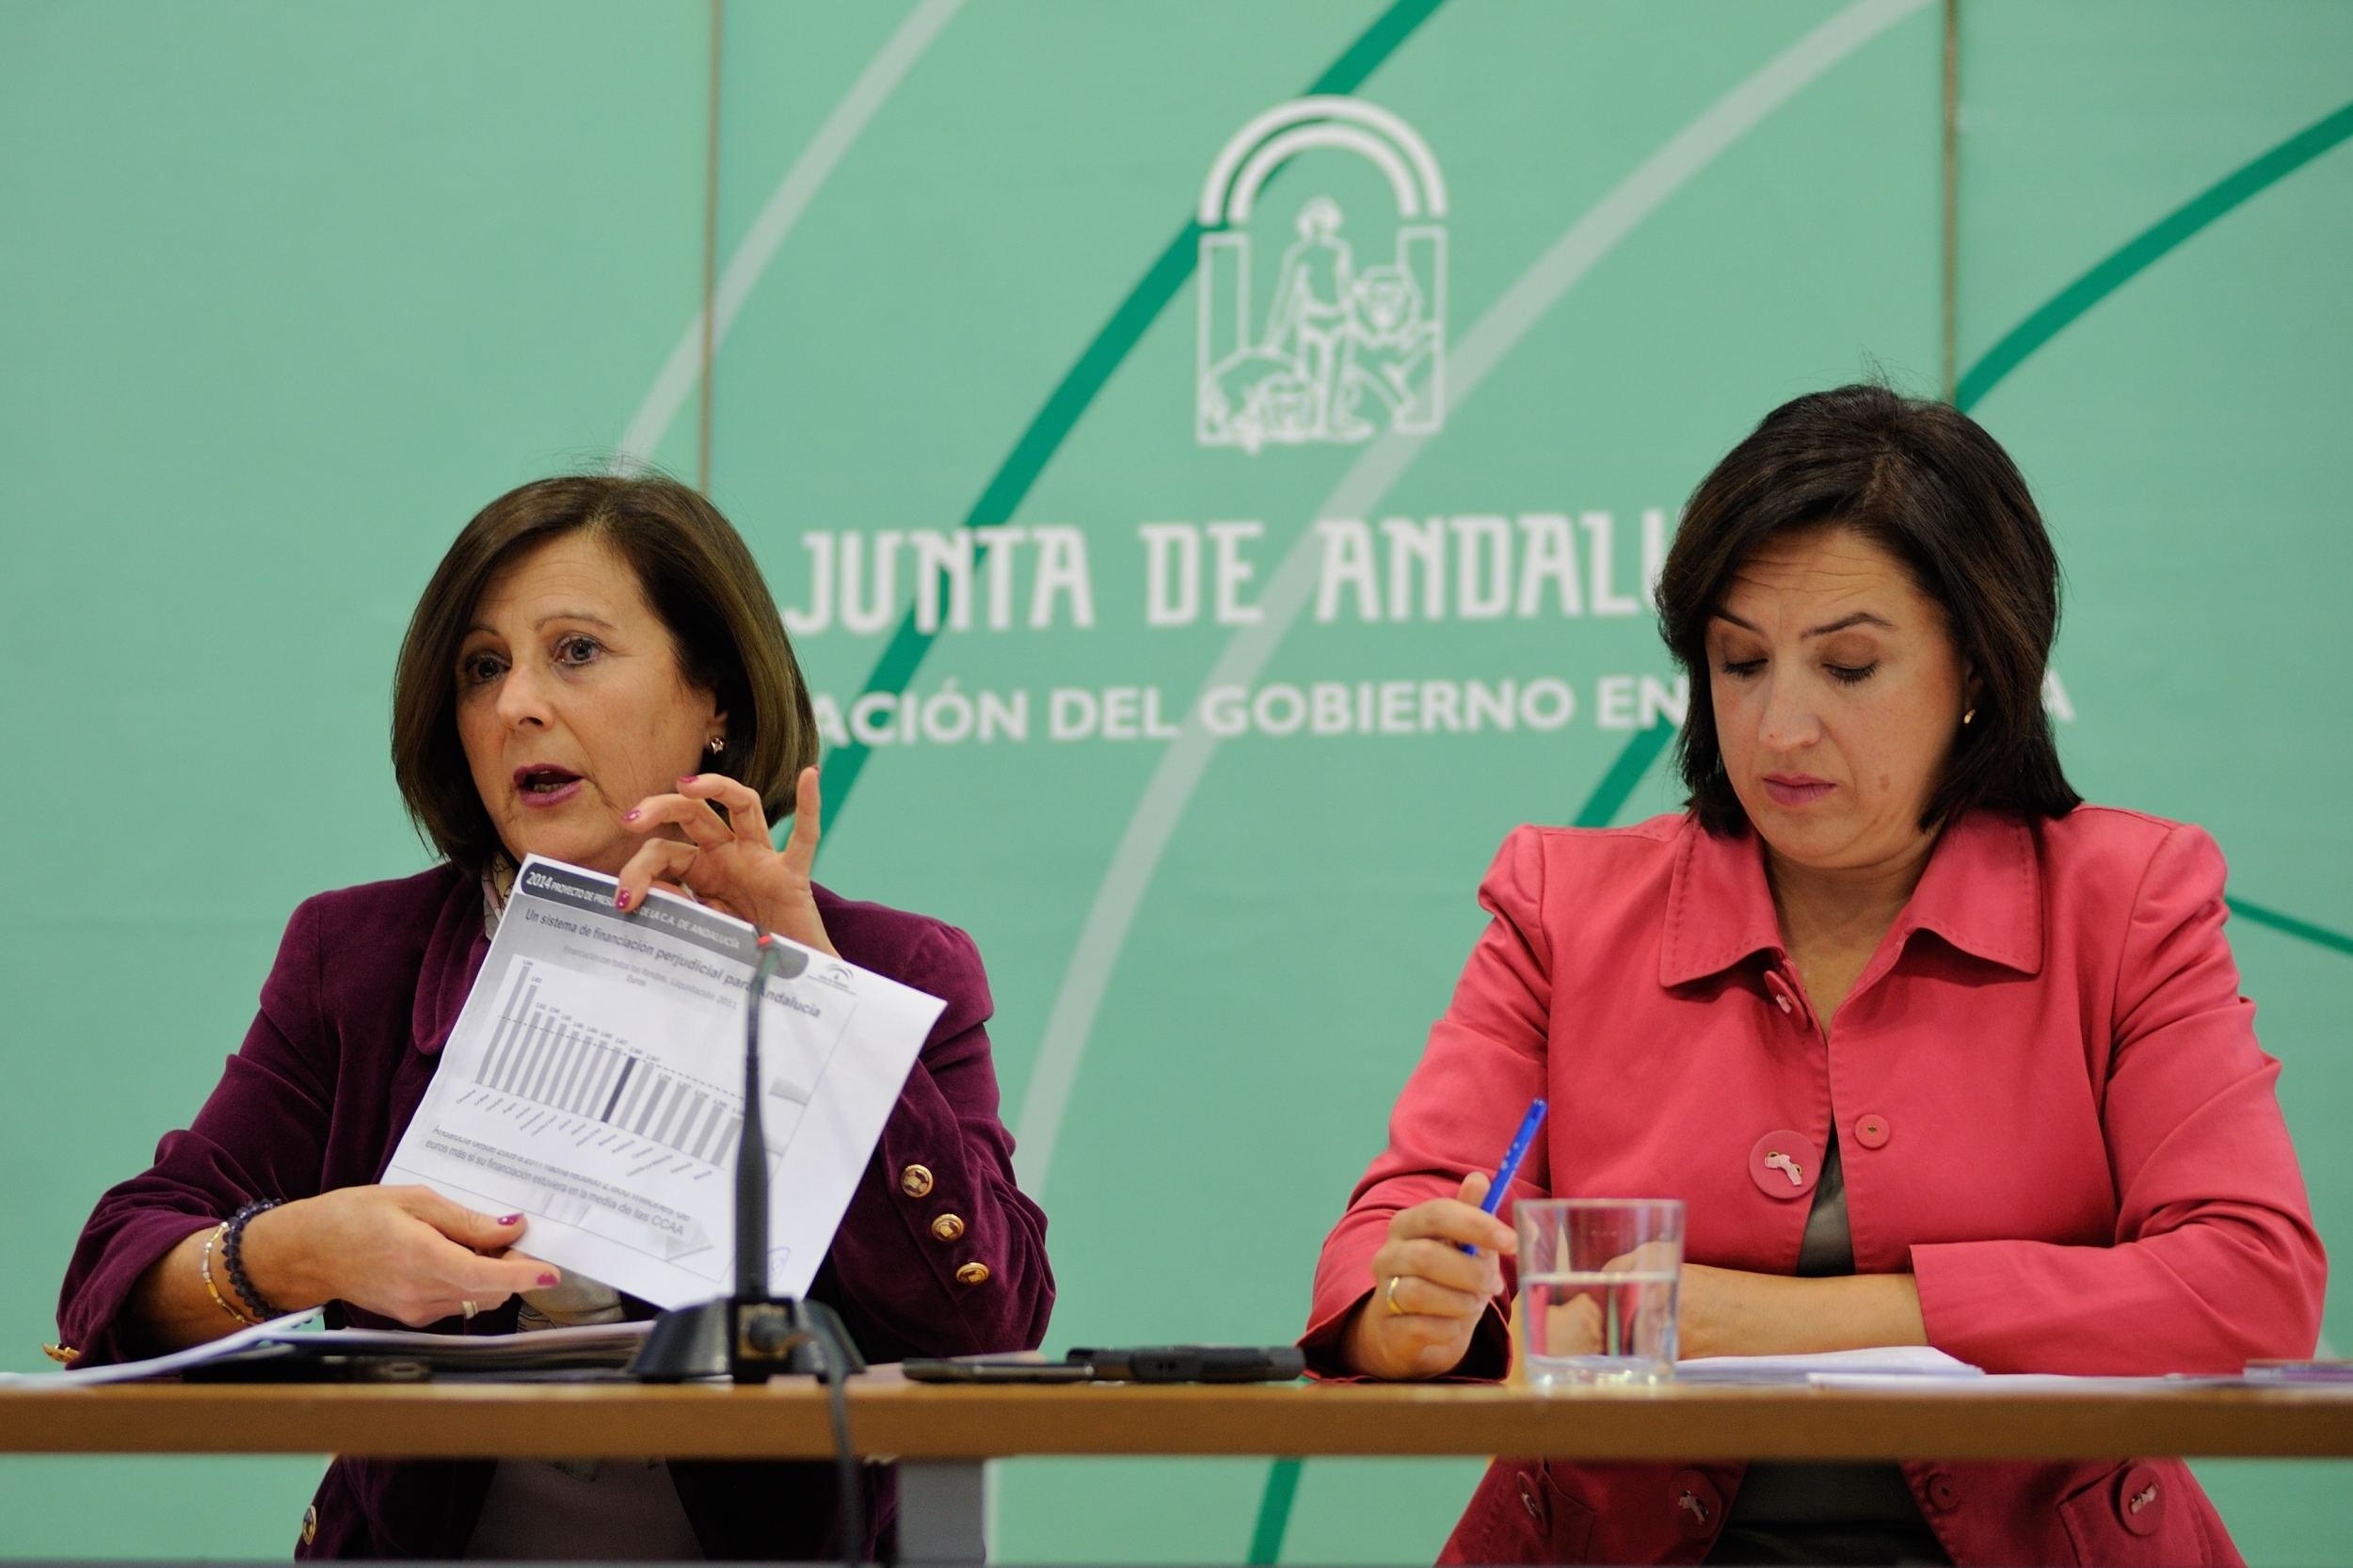 La Junta anuncia que el Gobierno recurre de nuevo ante el TC la subasta de medicamentos de Andalucía